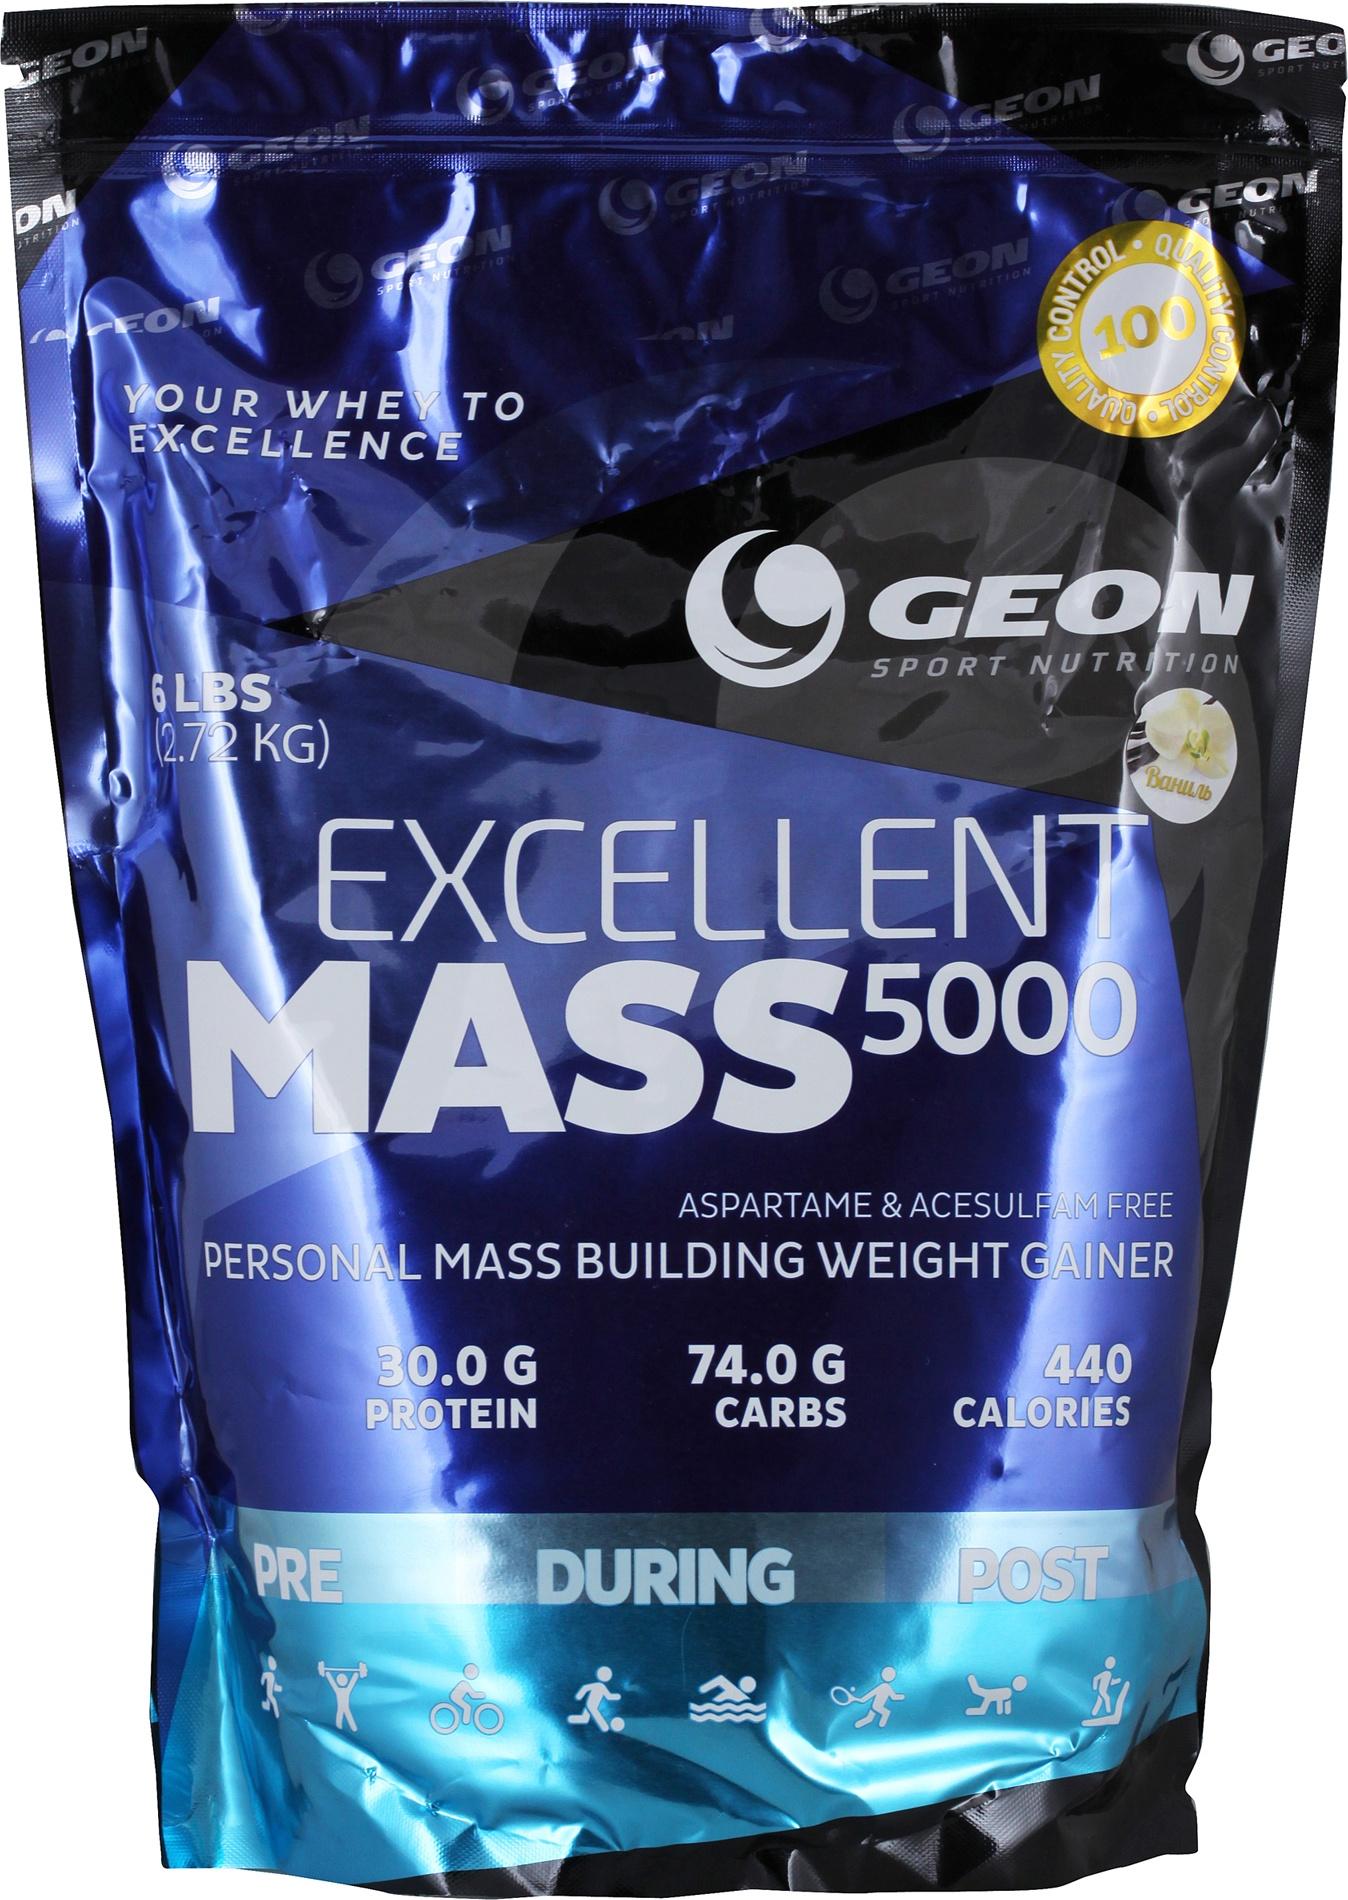 Гейнер Geon Excellent Mass 5000 2720 г ваниль фото